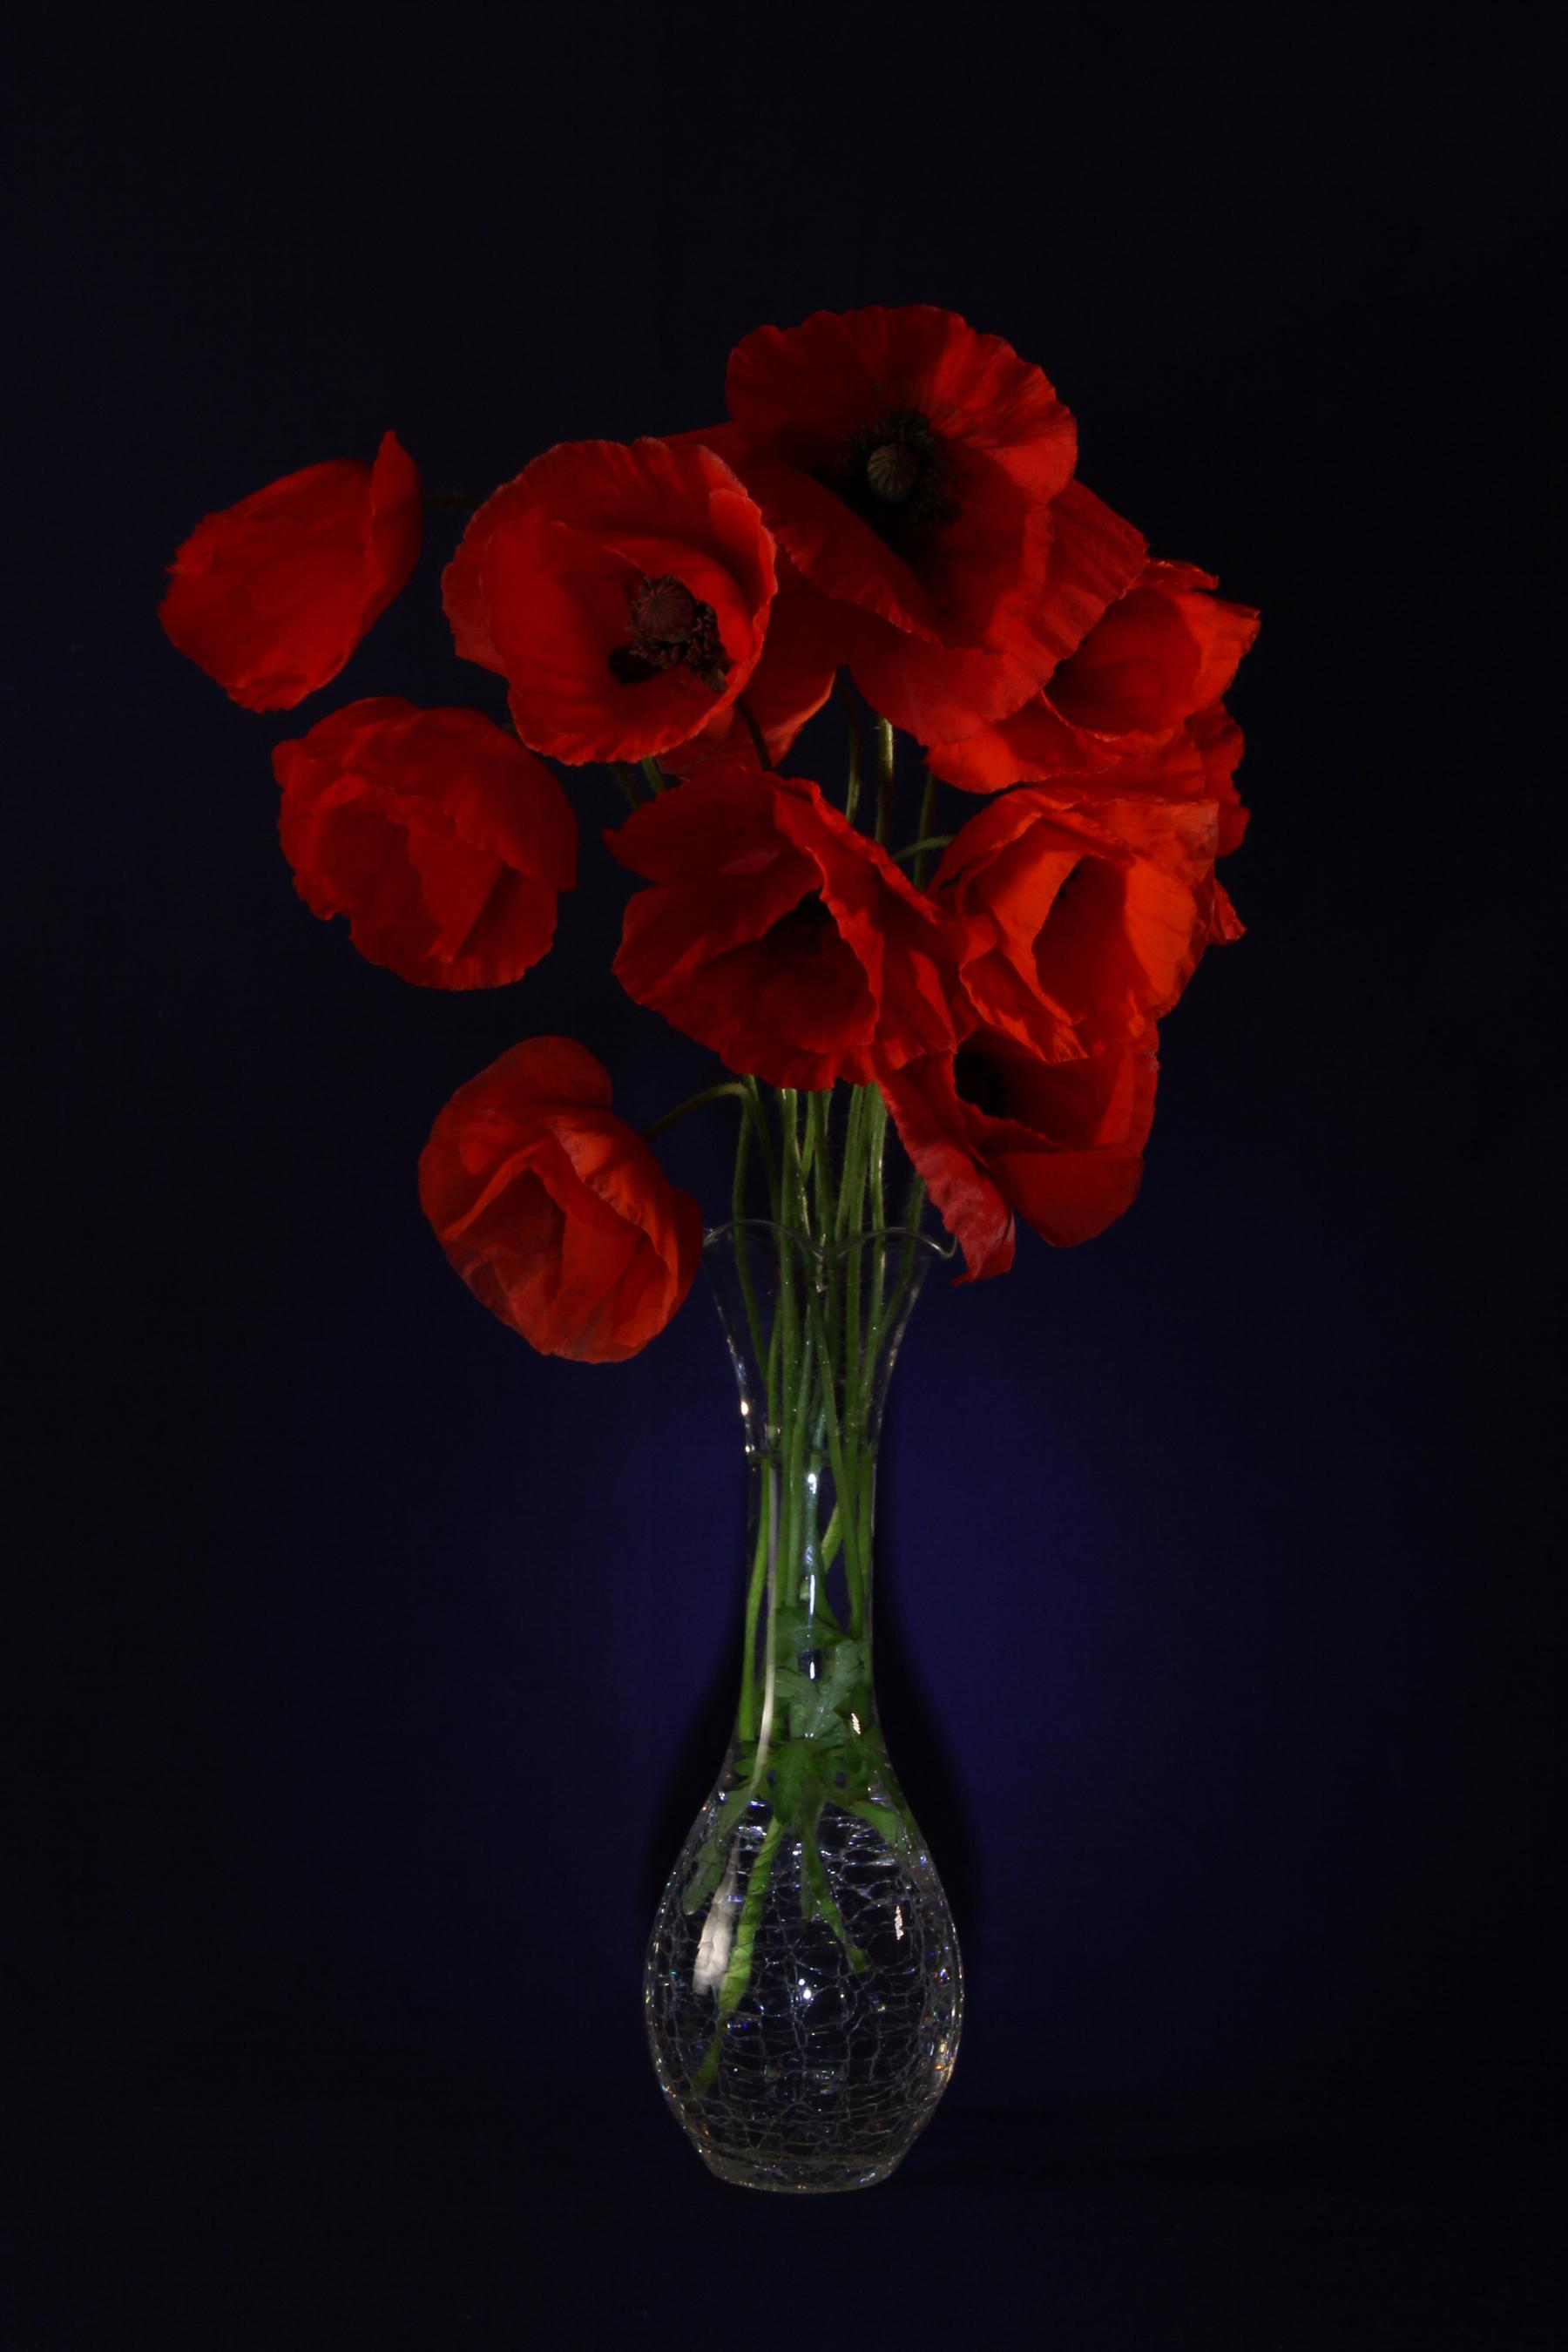 Картинка красные мак Цветы вазе Черный фон красных Красный красная Маки цветок вазы Ваза на черном фоне